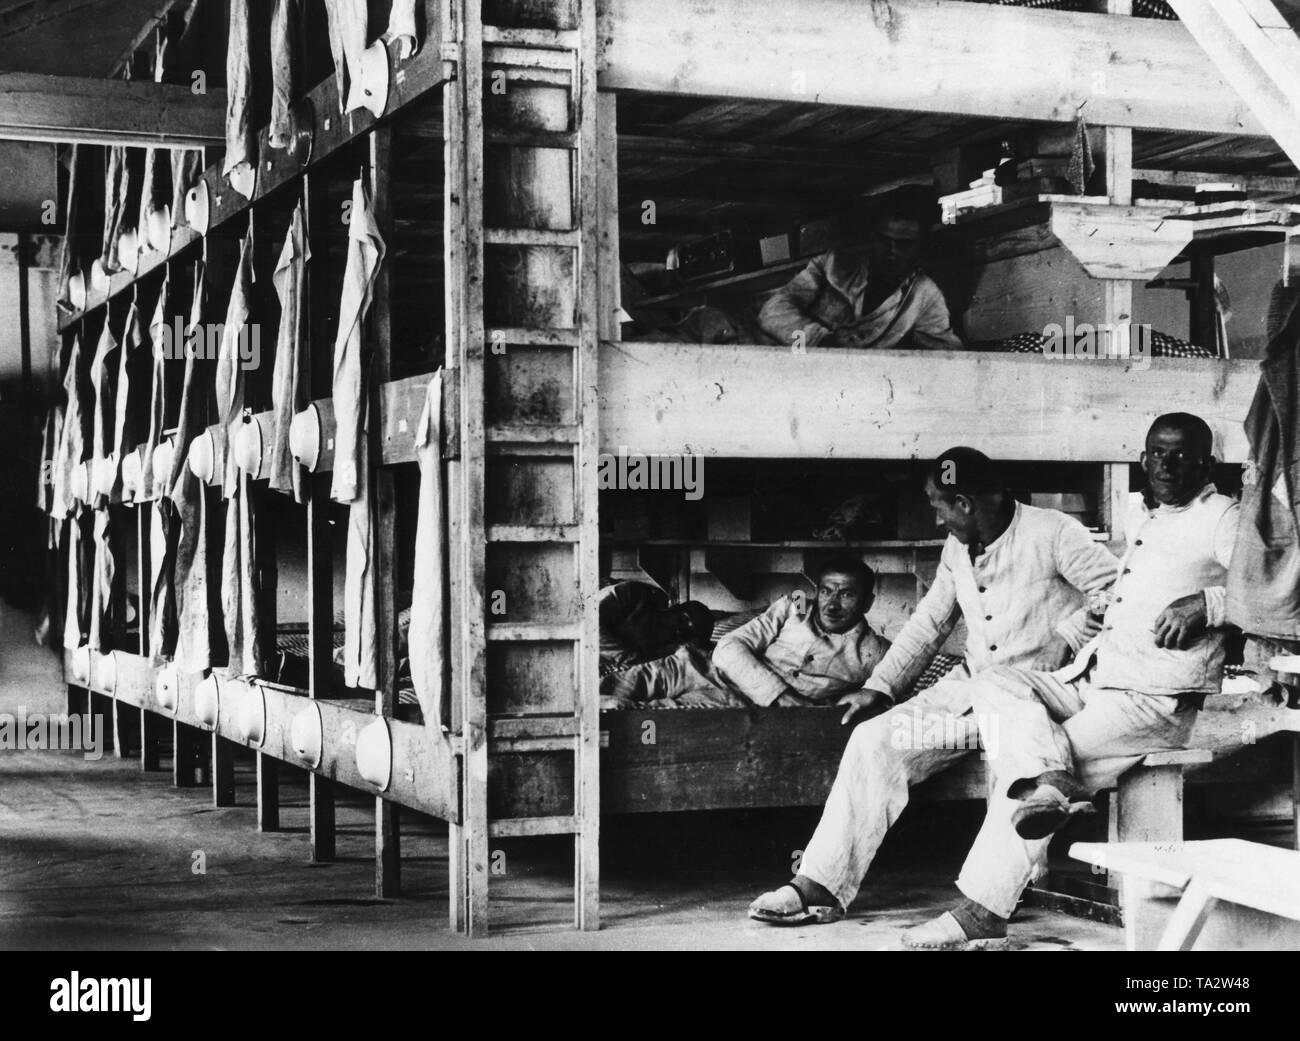 El campamento de los internados en el campo de concentración de Dachau, Baviera, 1933 (foto b/w). KZ Dachau en Baviera estableció el 12 de abril de 1933 como primer KZ del Nationalsocialists principalmente para la detención de opositores políticos, Imagen De Stock